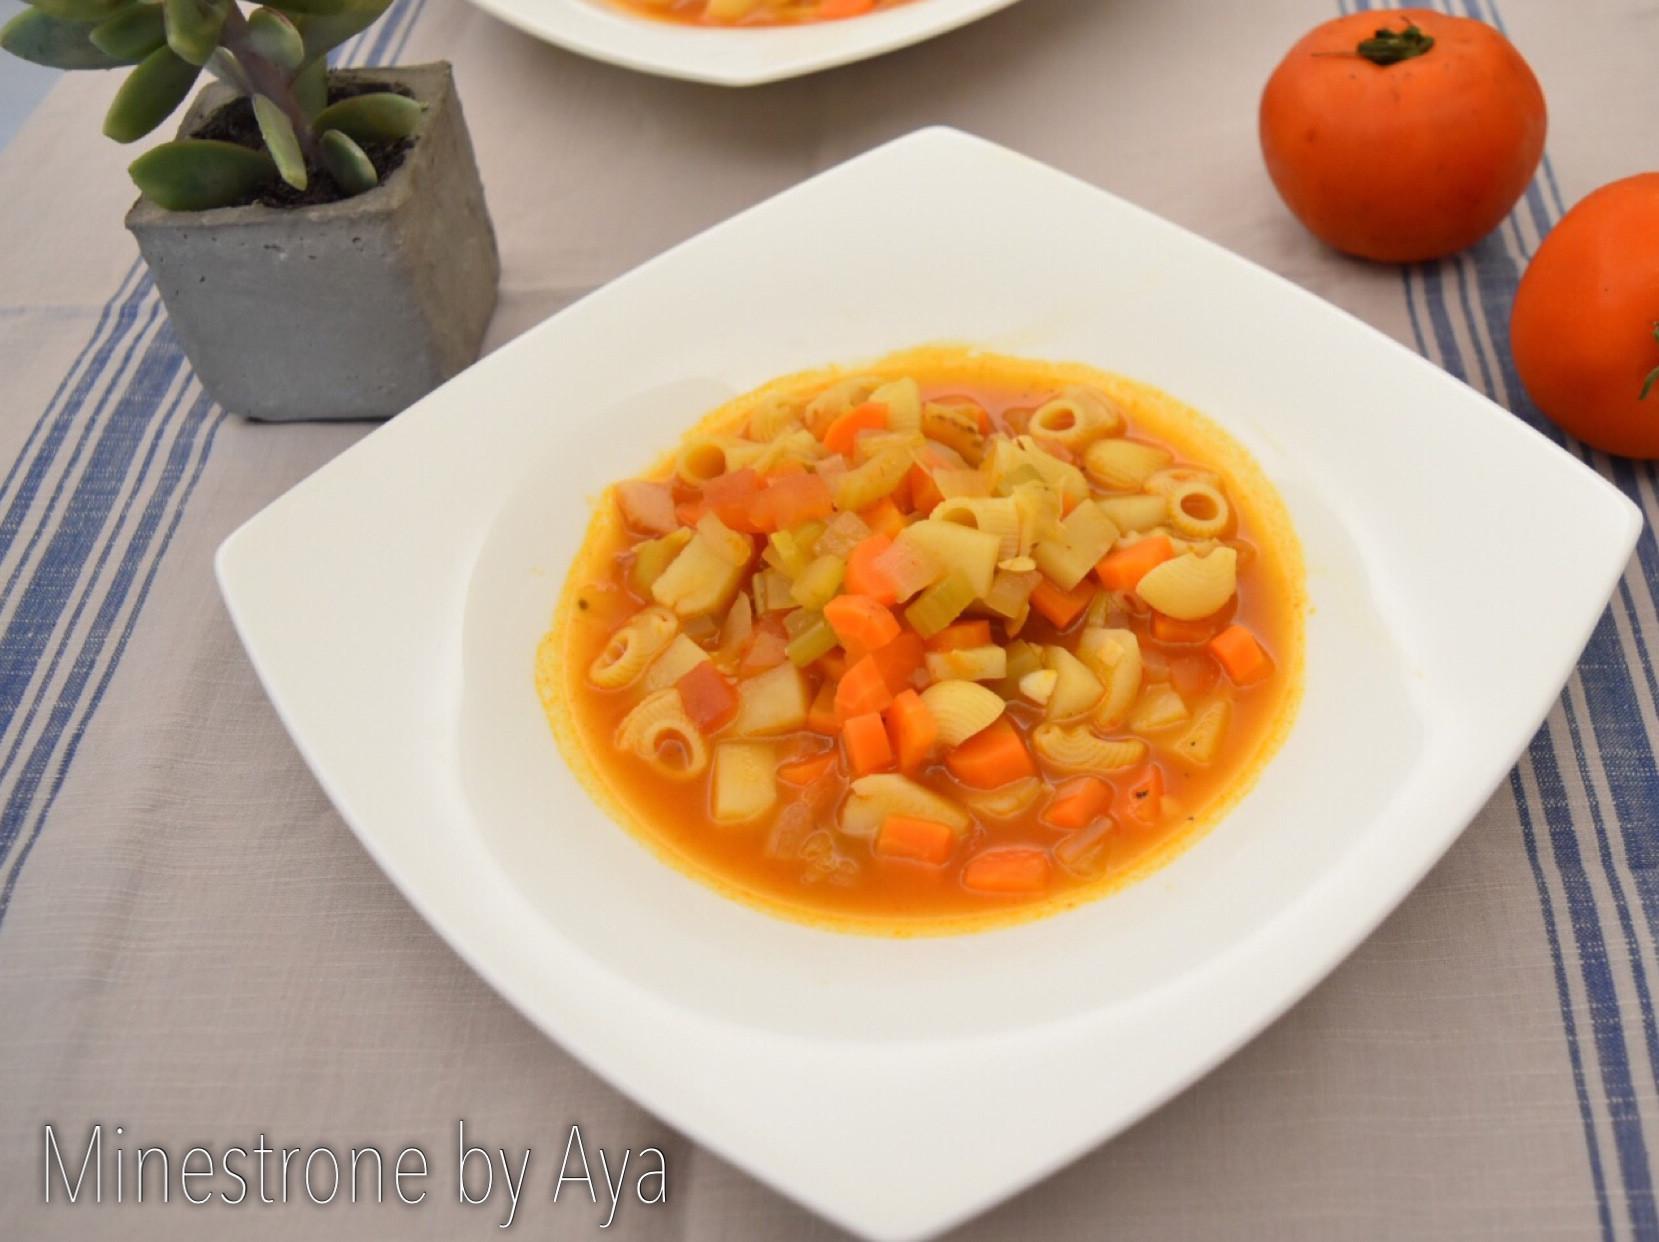 義式番茄蔬菜湯